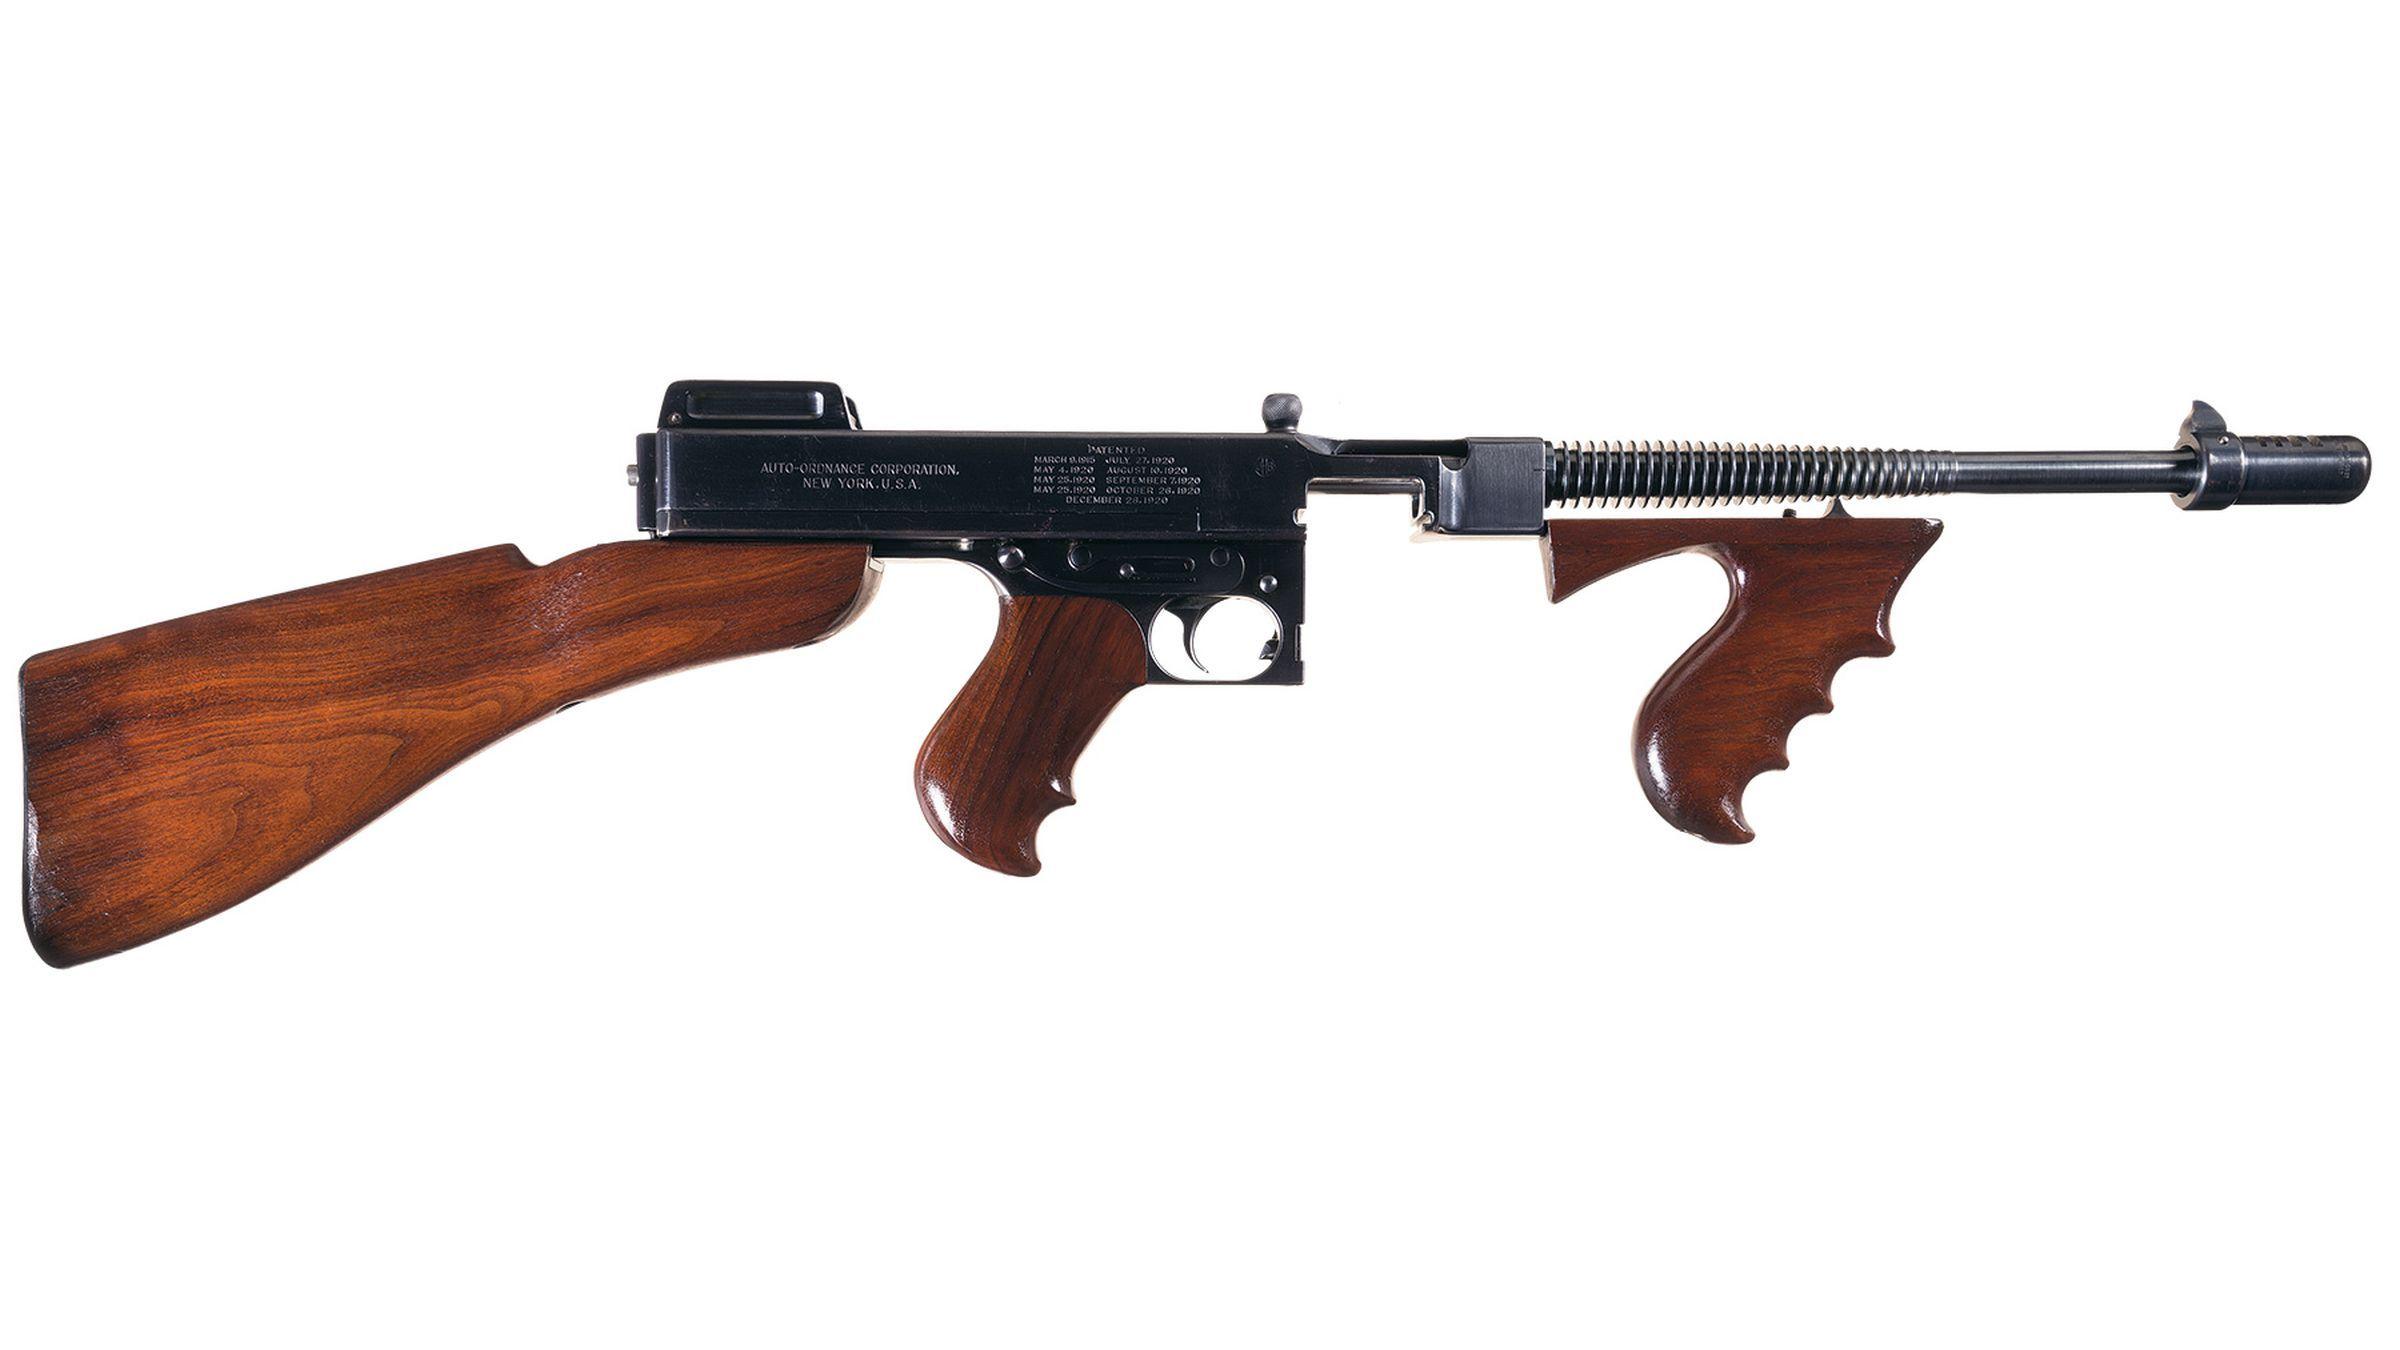 Colt/Auto-Ordnance Model 1928 Navy Thompson Submachine Gun